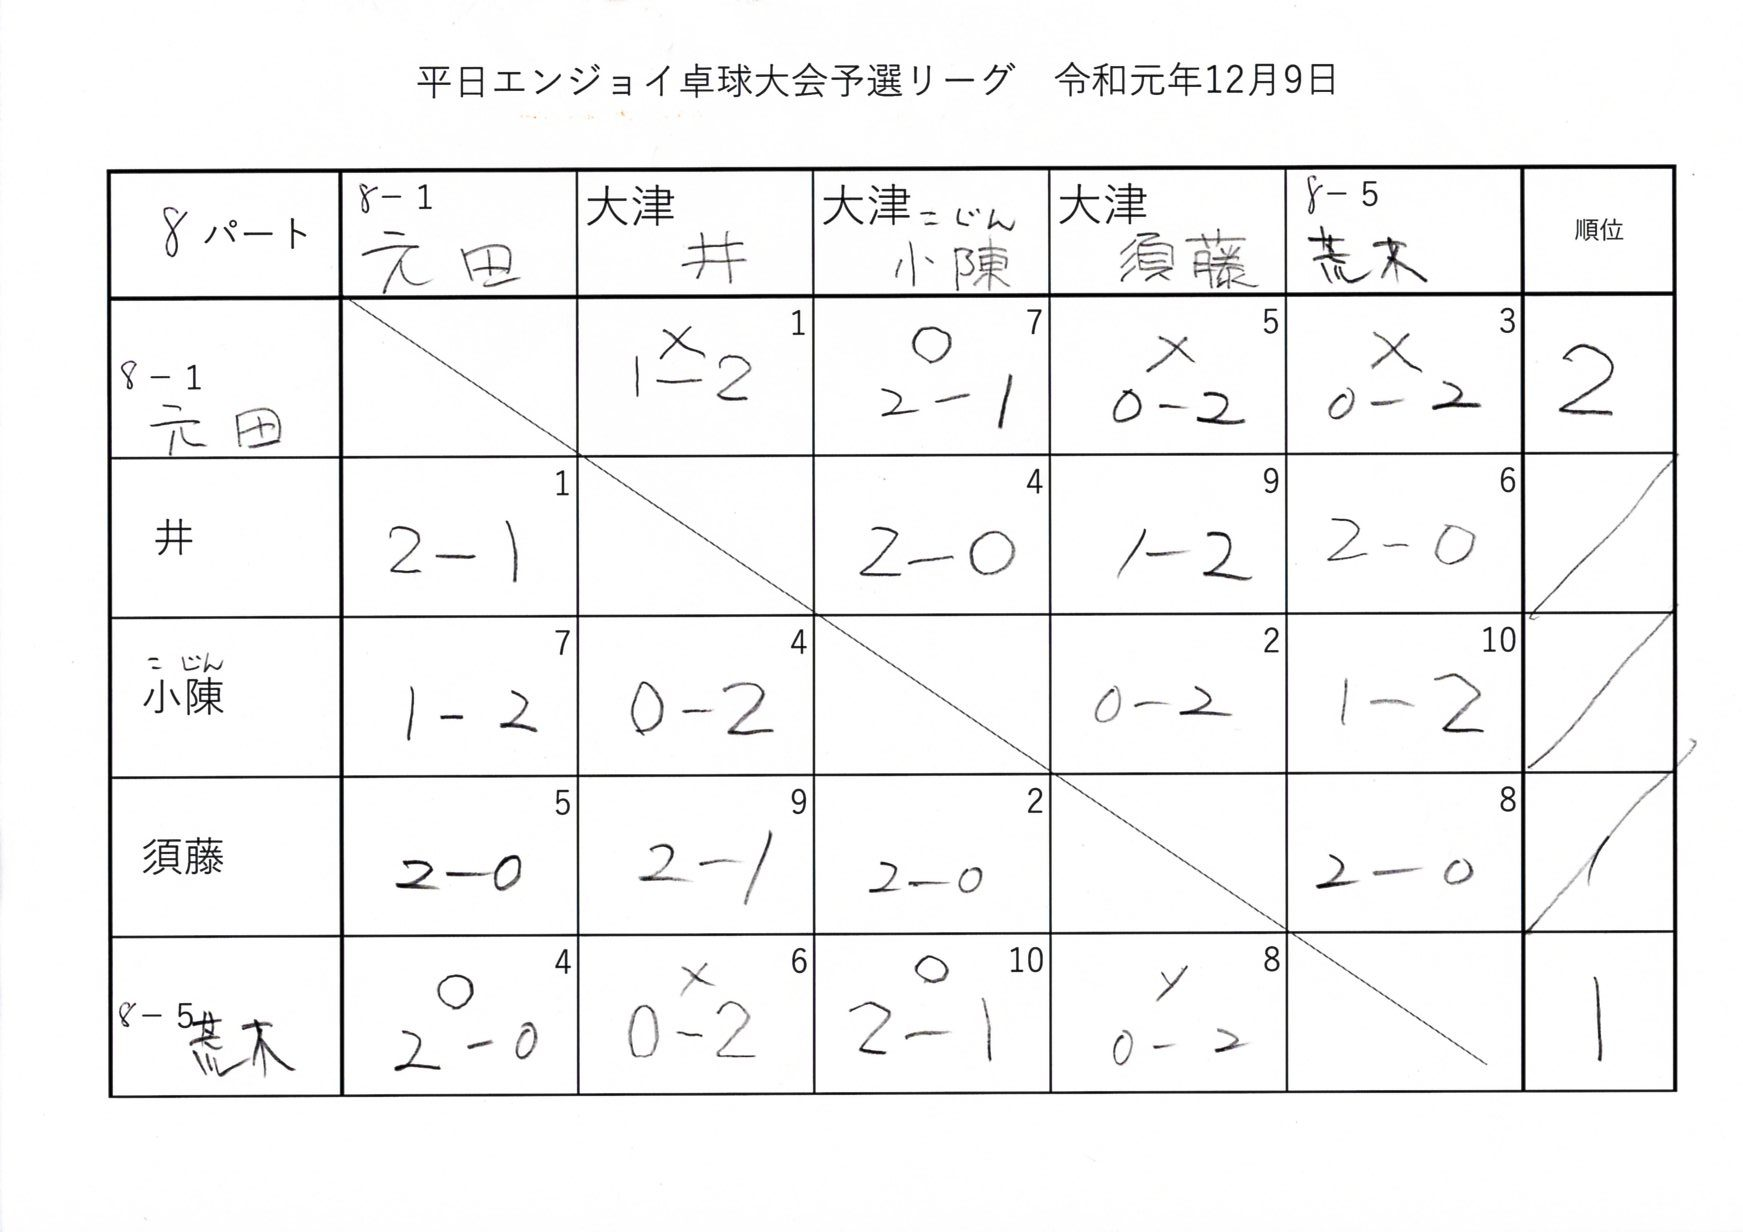 第2回平日エンジョイ卓球大会 予選リーグ